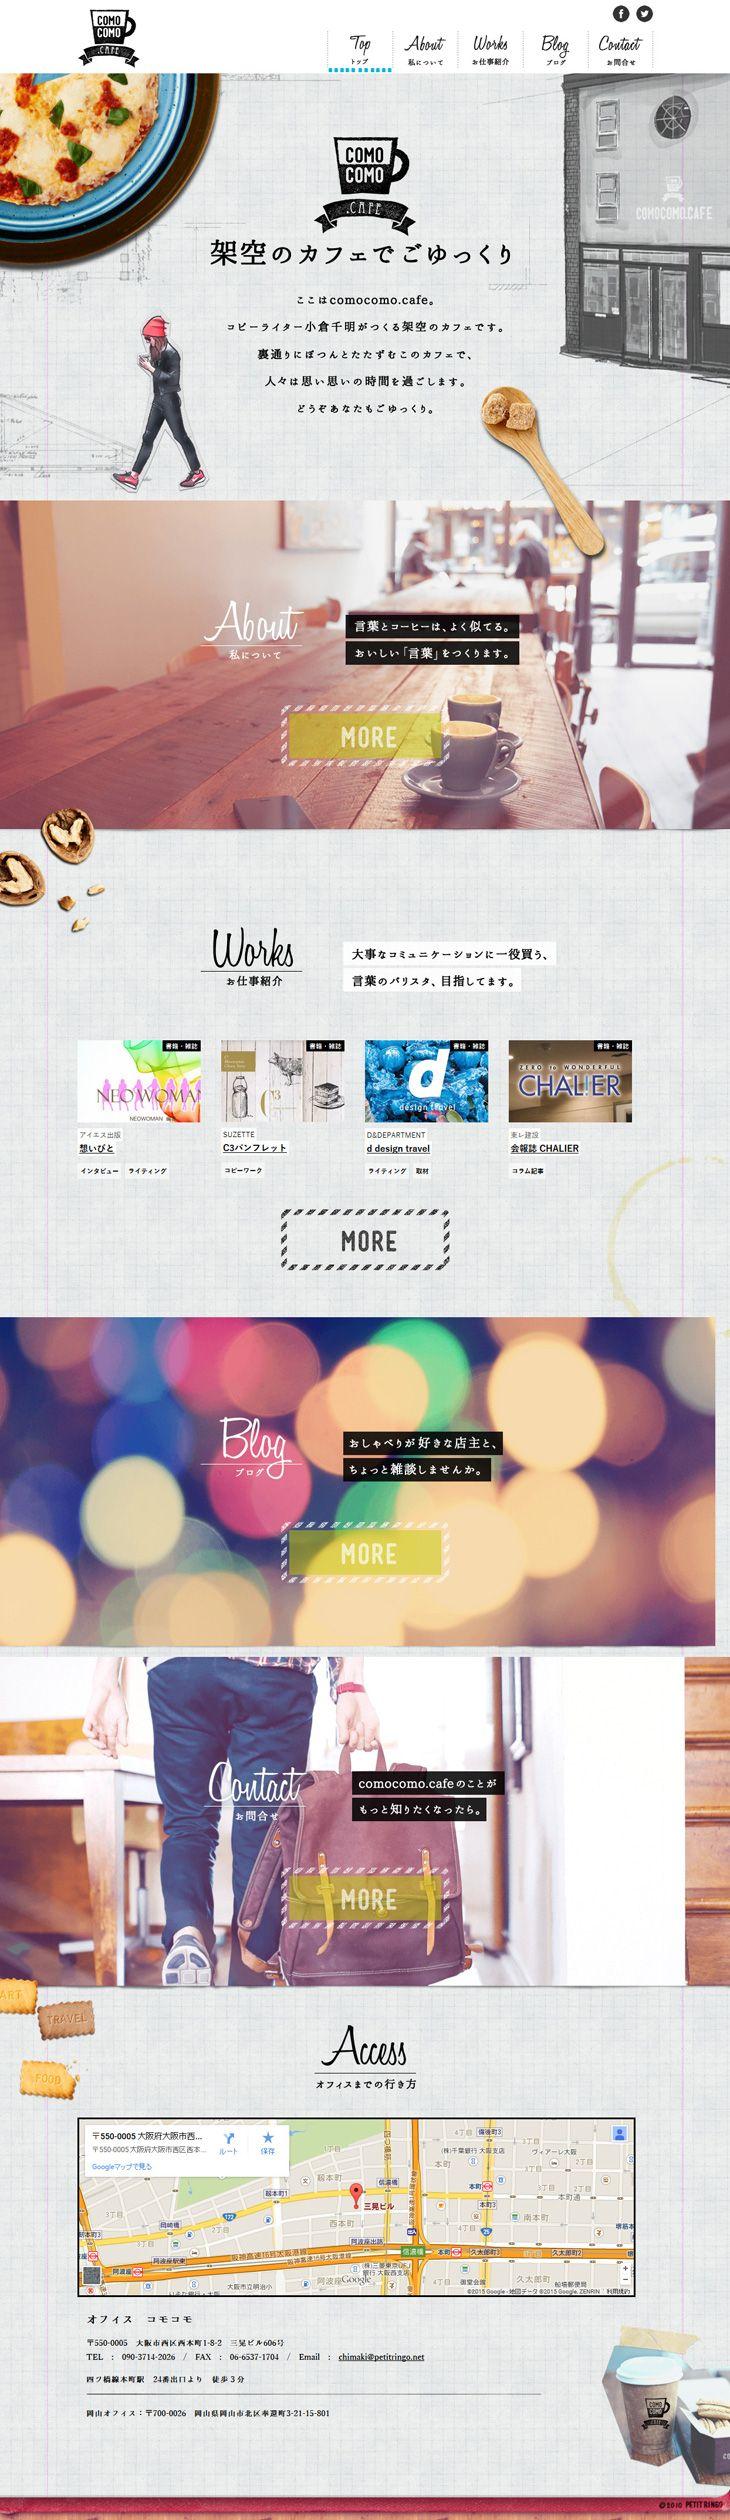 ランディングページ LP comocomo.cafe|インターネットサービス|自社サイト